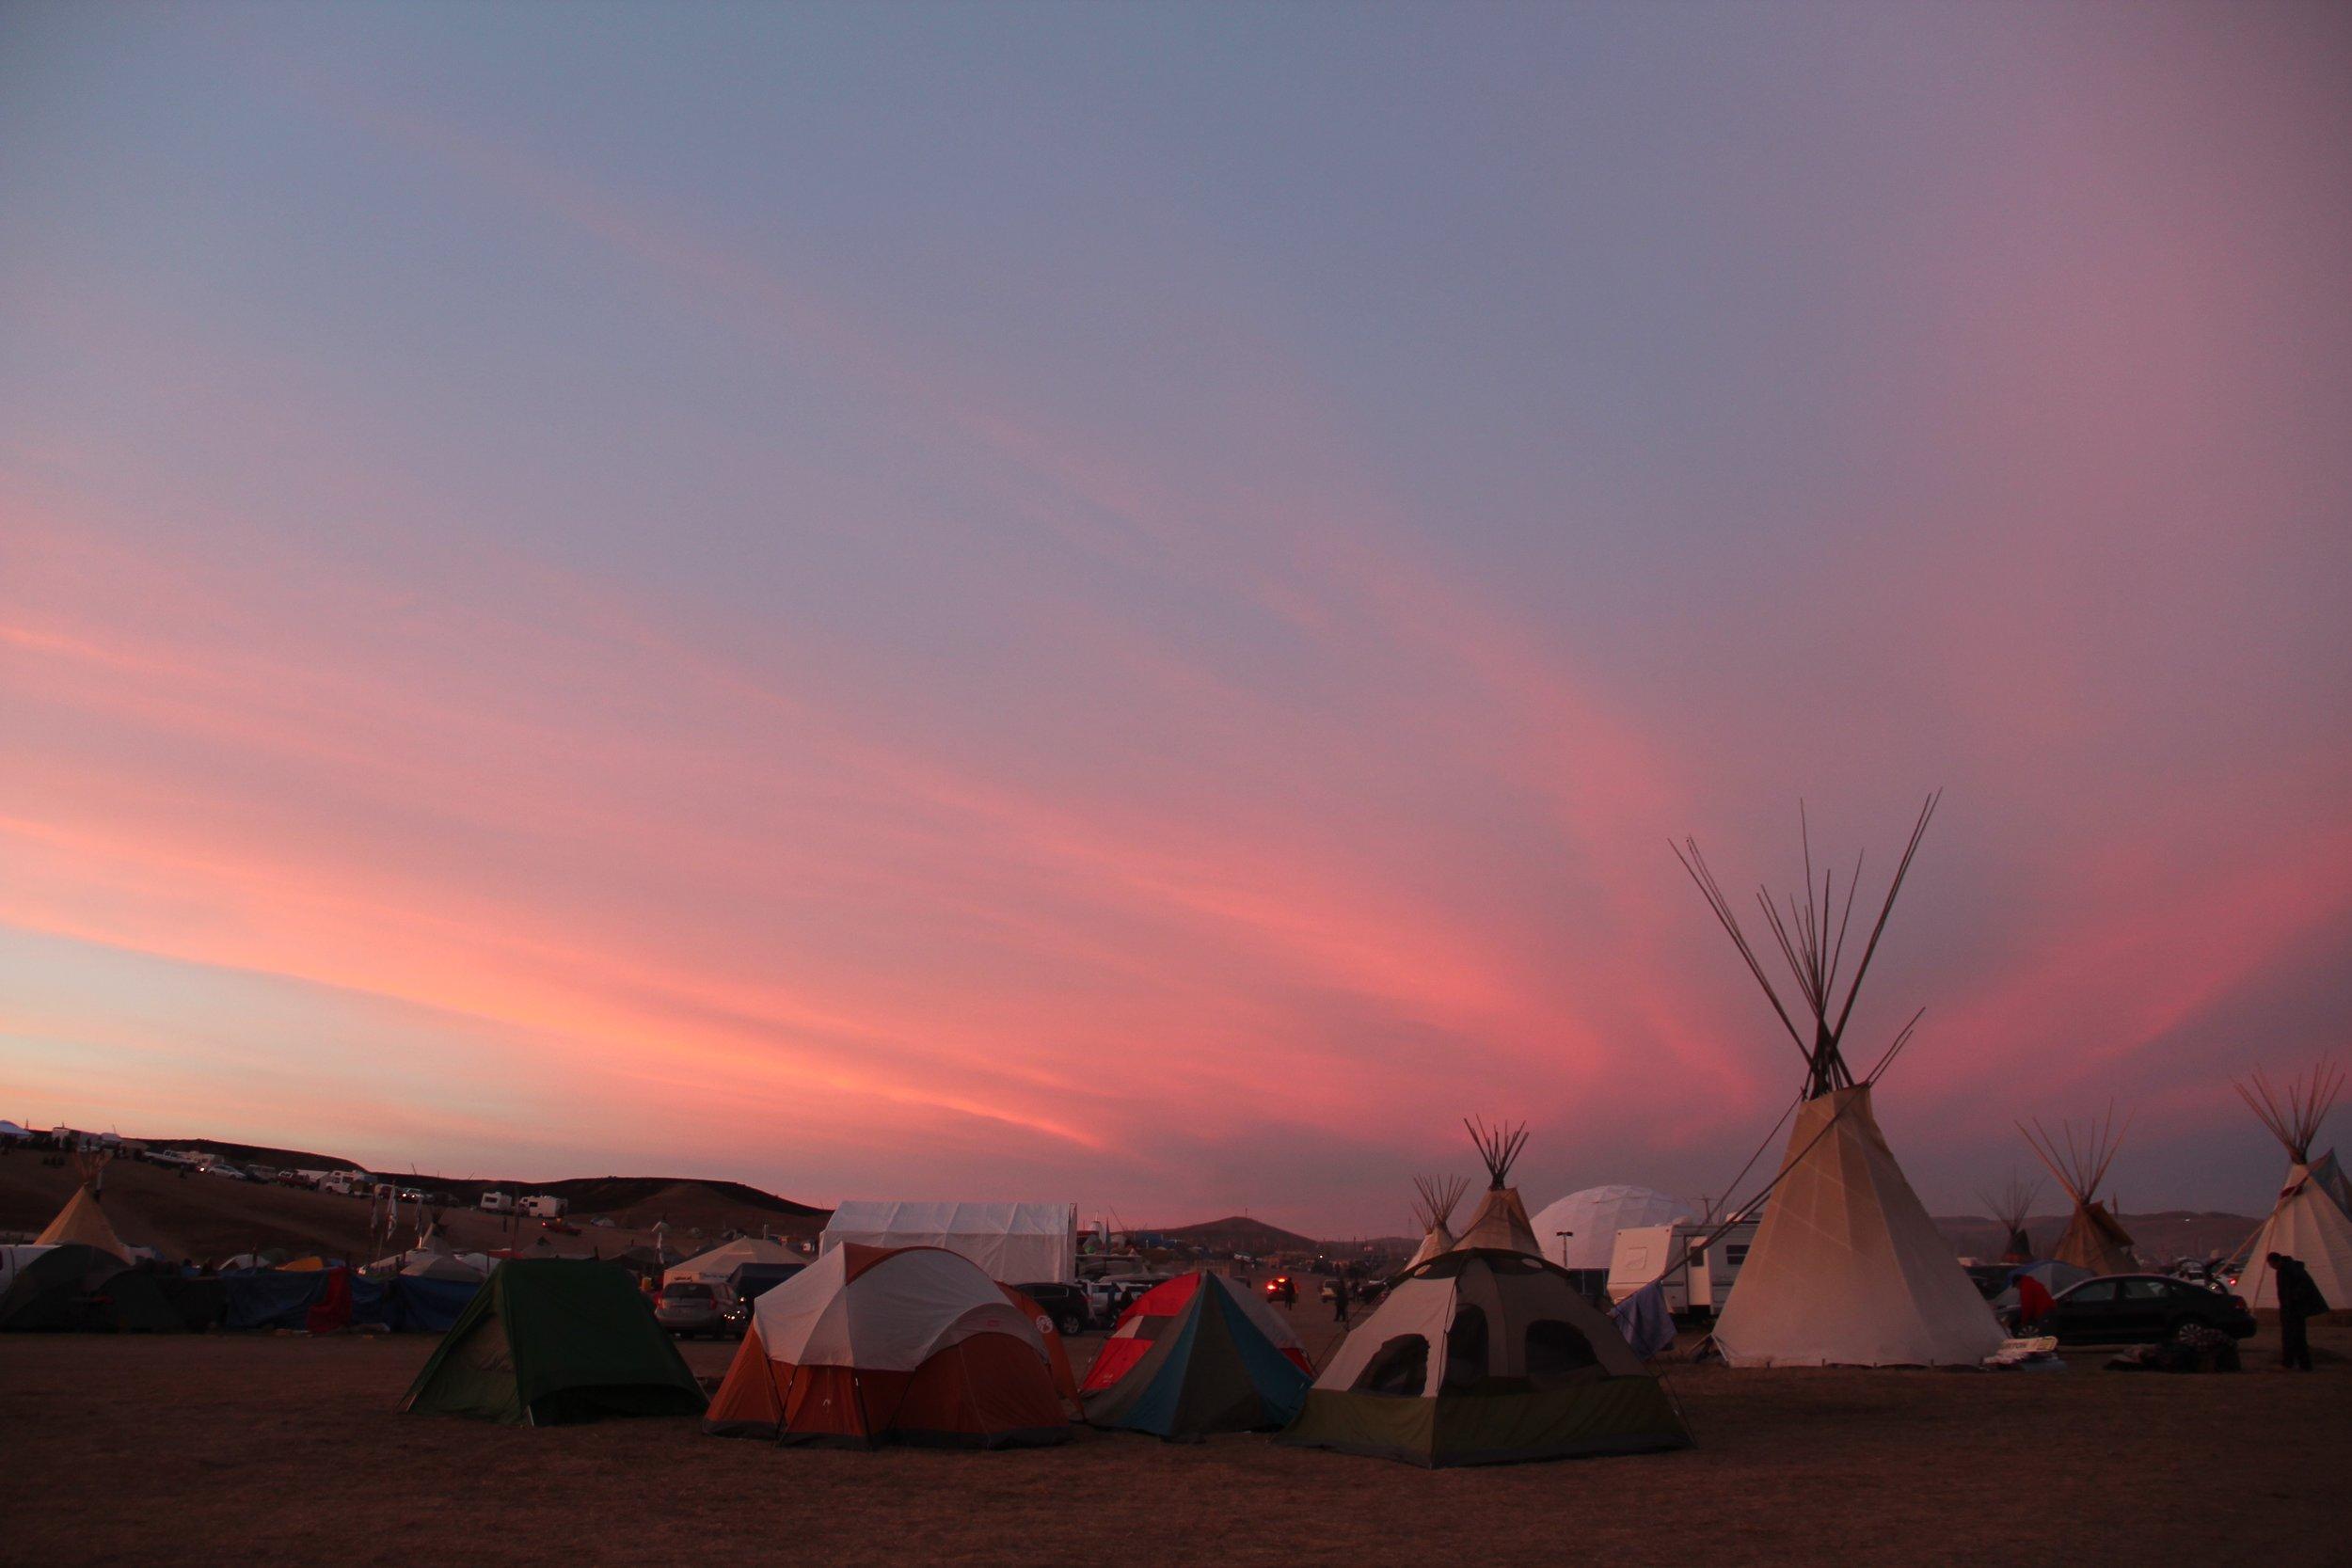 Sunset at Camp Oceti Sakowin